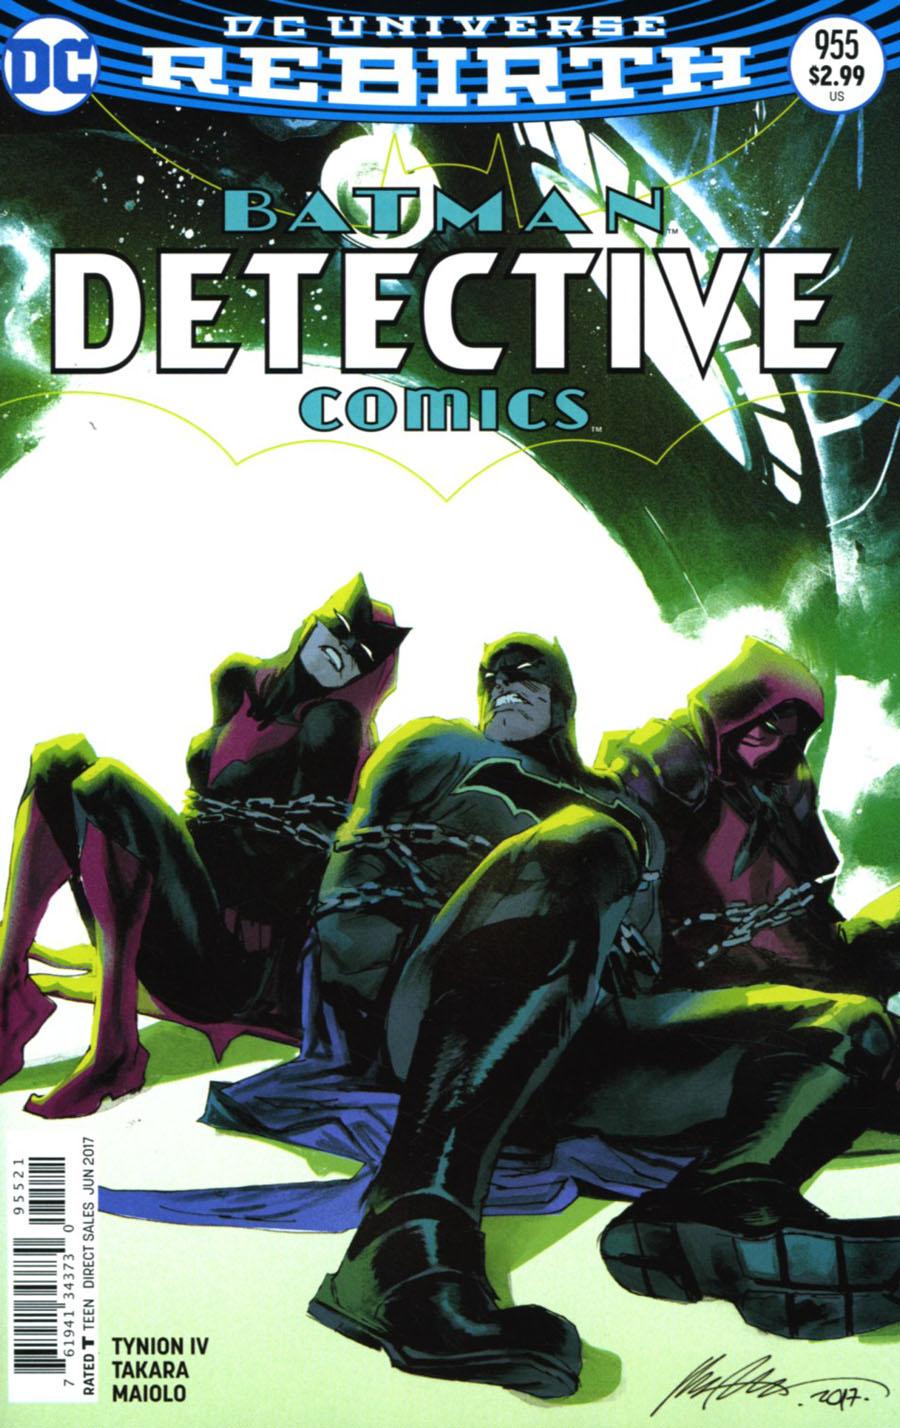 Detective Comics Vol 2 #955 Cover B Variant Rafael Albuquerque Cover